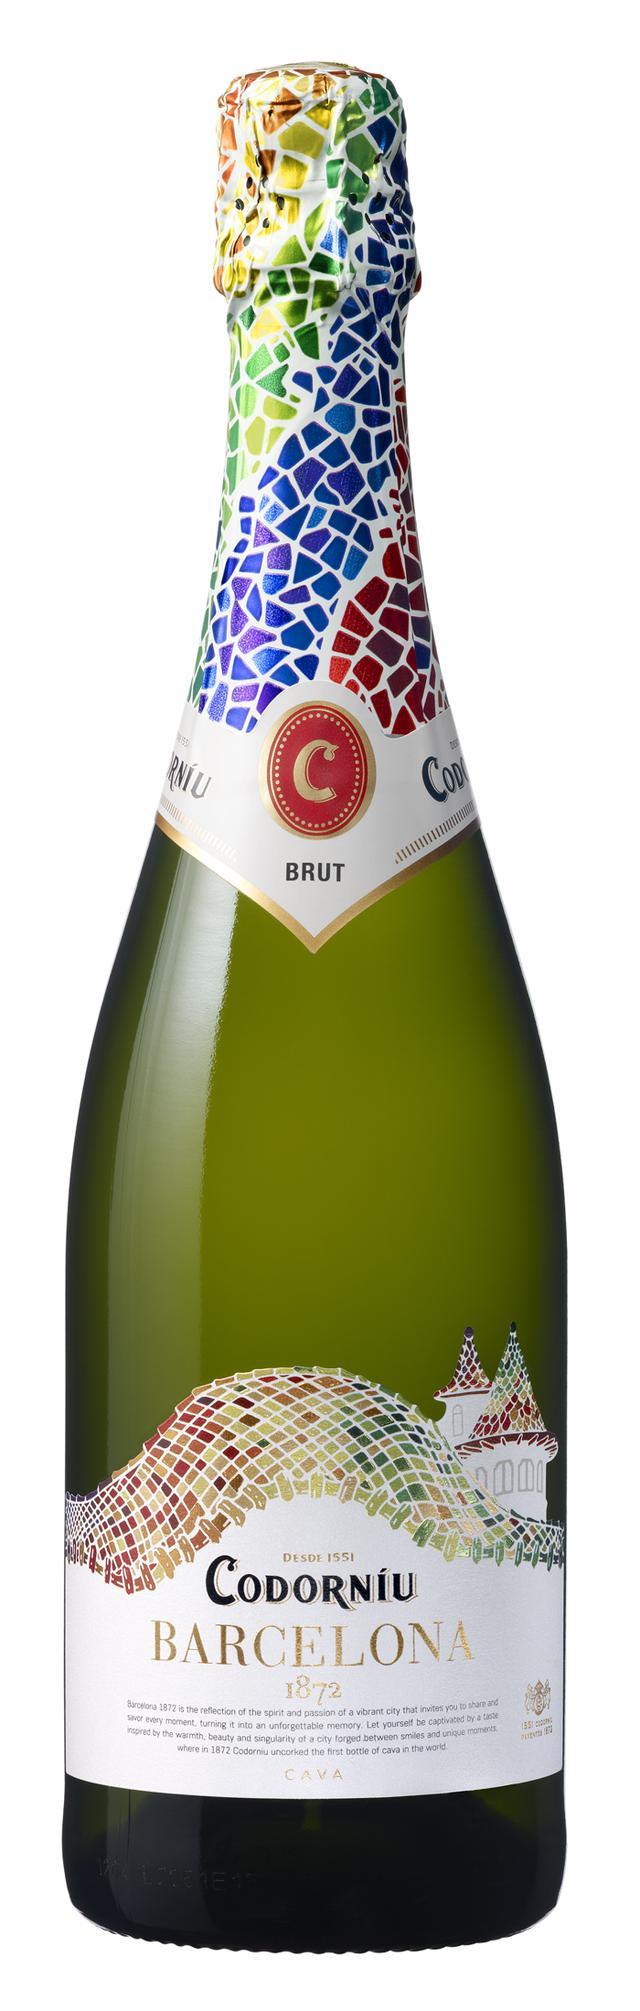 画像: 『コドーニュ バルセロナ 1872 NV』 生産者: コドーニュ 生産国:スペイン 生産地:カタルーニャ地方 品種:シャルドネ、マカベオ、チャレロ、パレリャーダ 価格:1660円(税別) 輸入元:メルシャン㈱ https://drinx.kirin.co.jp/wine/codorniu/barcelona1872/?ref=article_rec3&cx_cxrecs=119a31829bf2eda6aa9cffc25cba5503bb174423